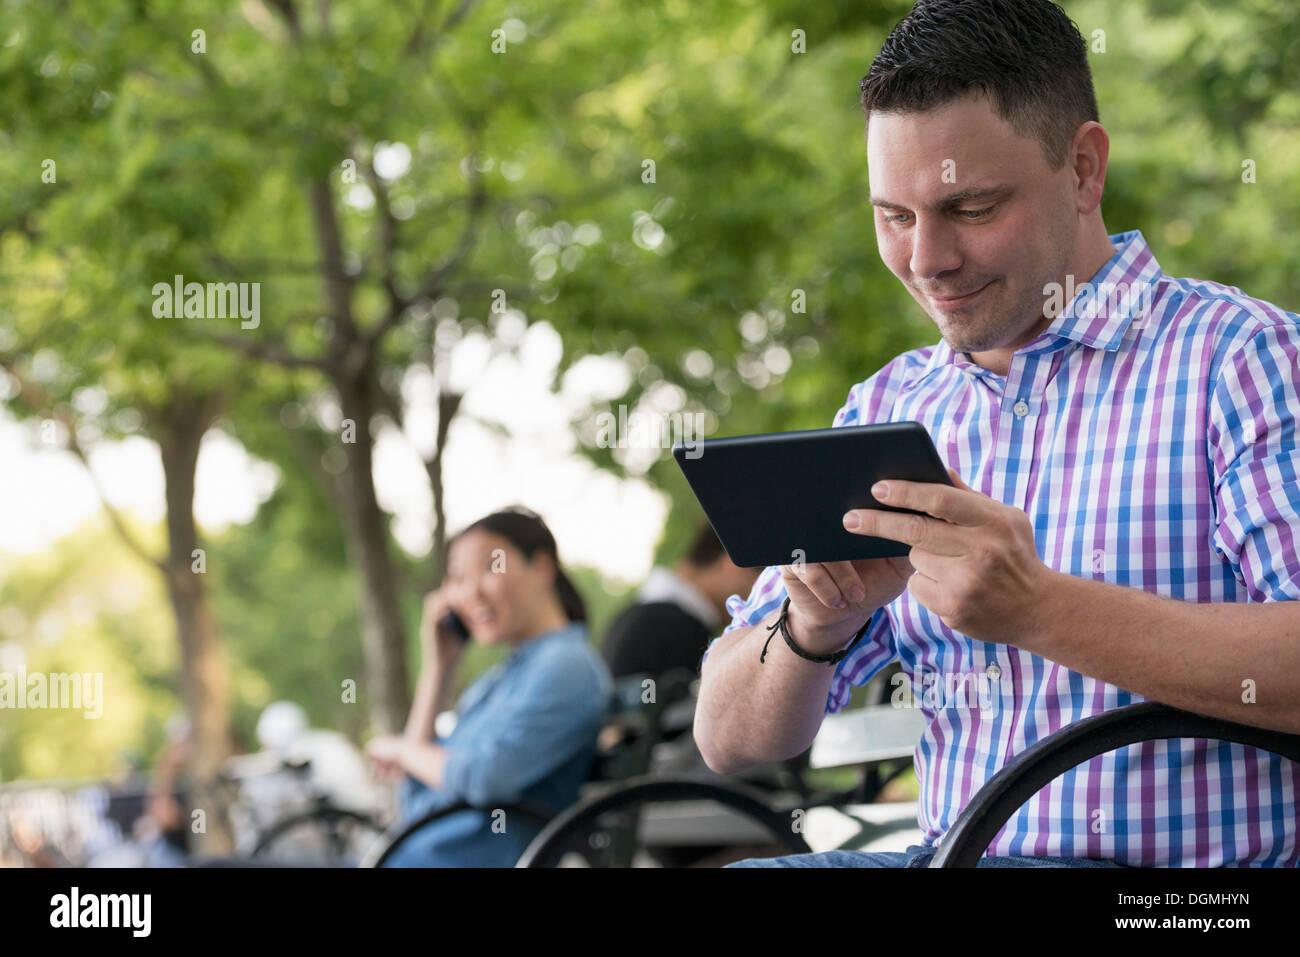 L'été. Une femme et deux hommes assis dans le parc, chacun sur leur propre téléphone ou à l'aide d'une tablette. Photo Stock